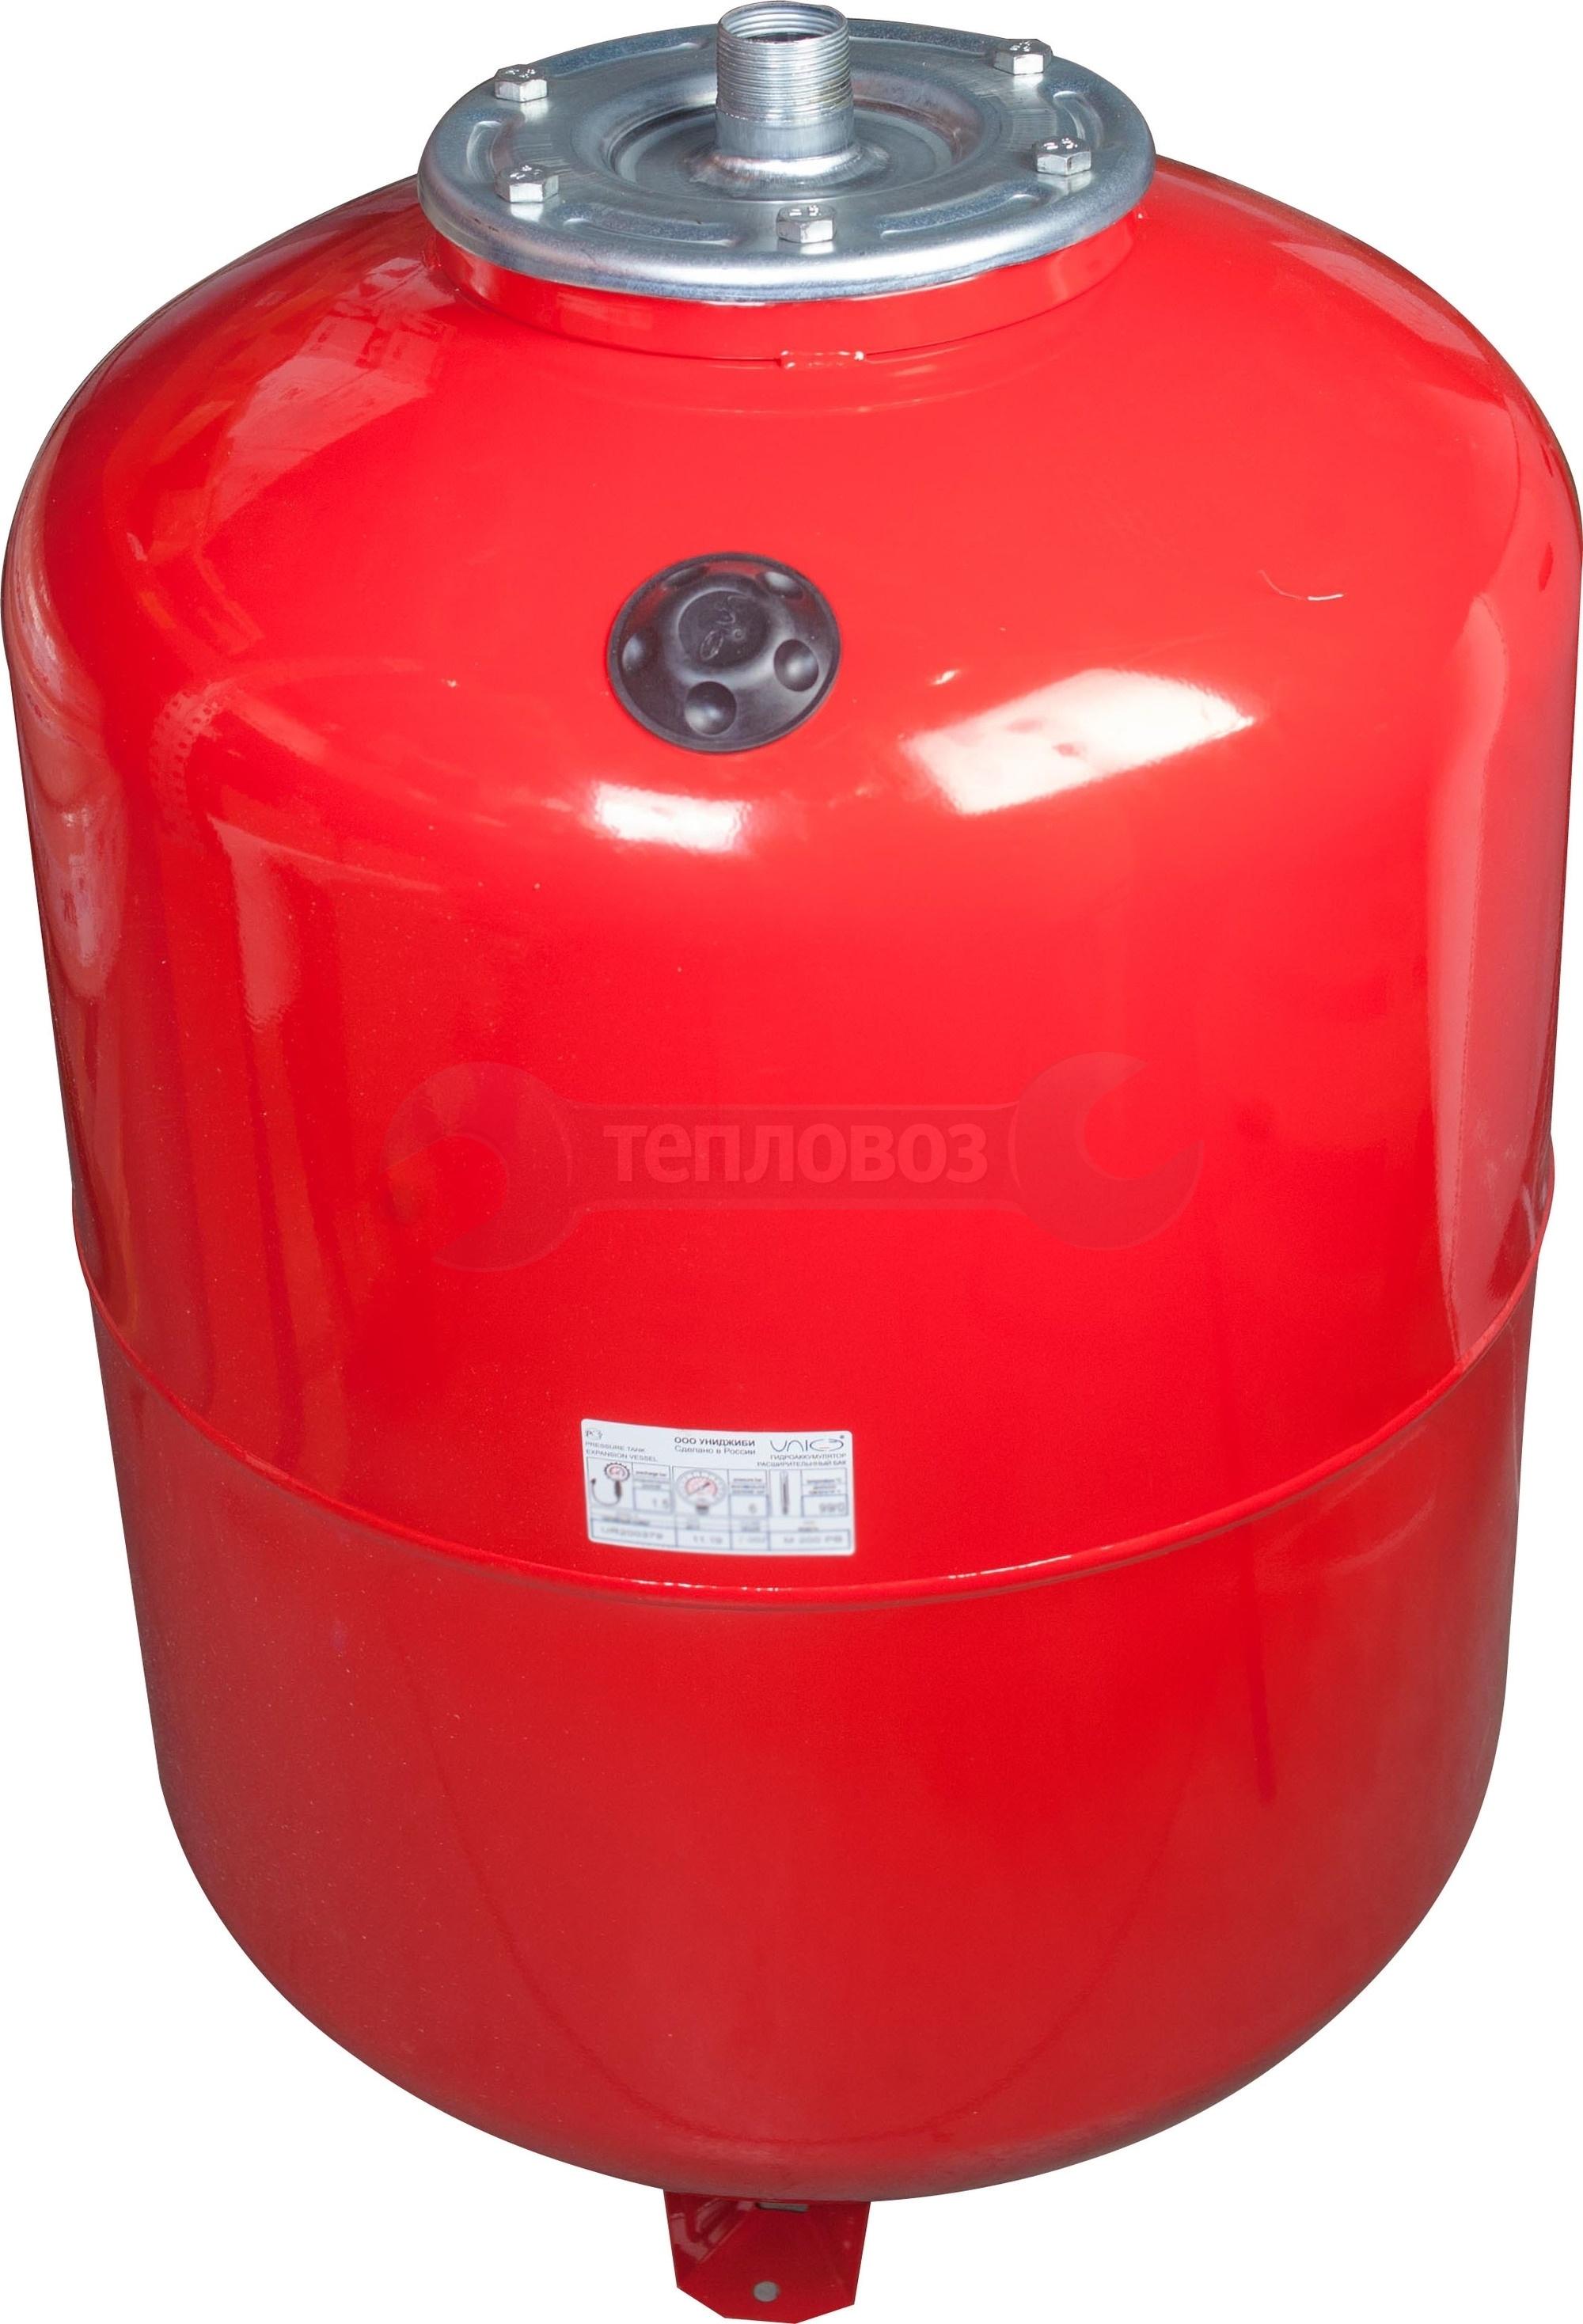 Купить Униджиби М300РВ 300 л вертикальный в интернет-магазине Дождь